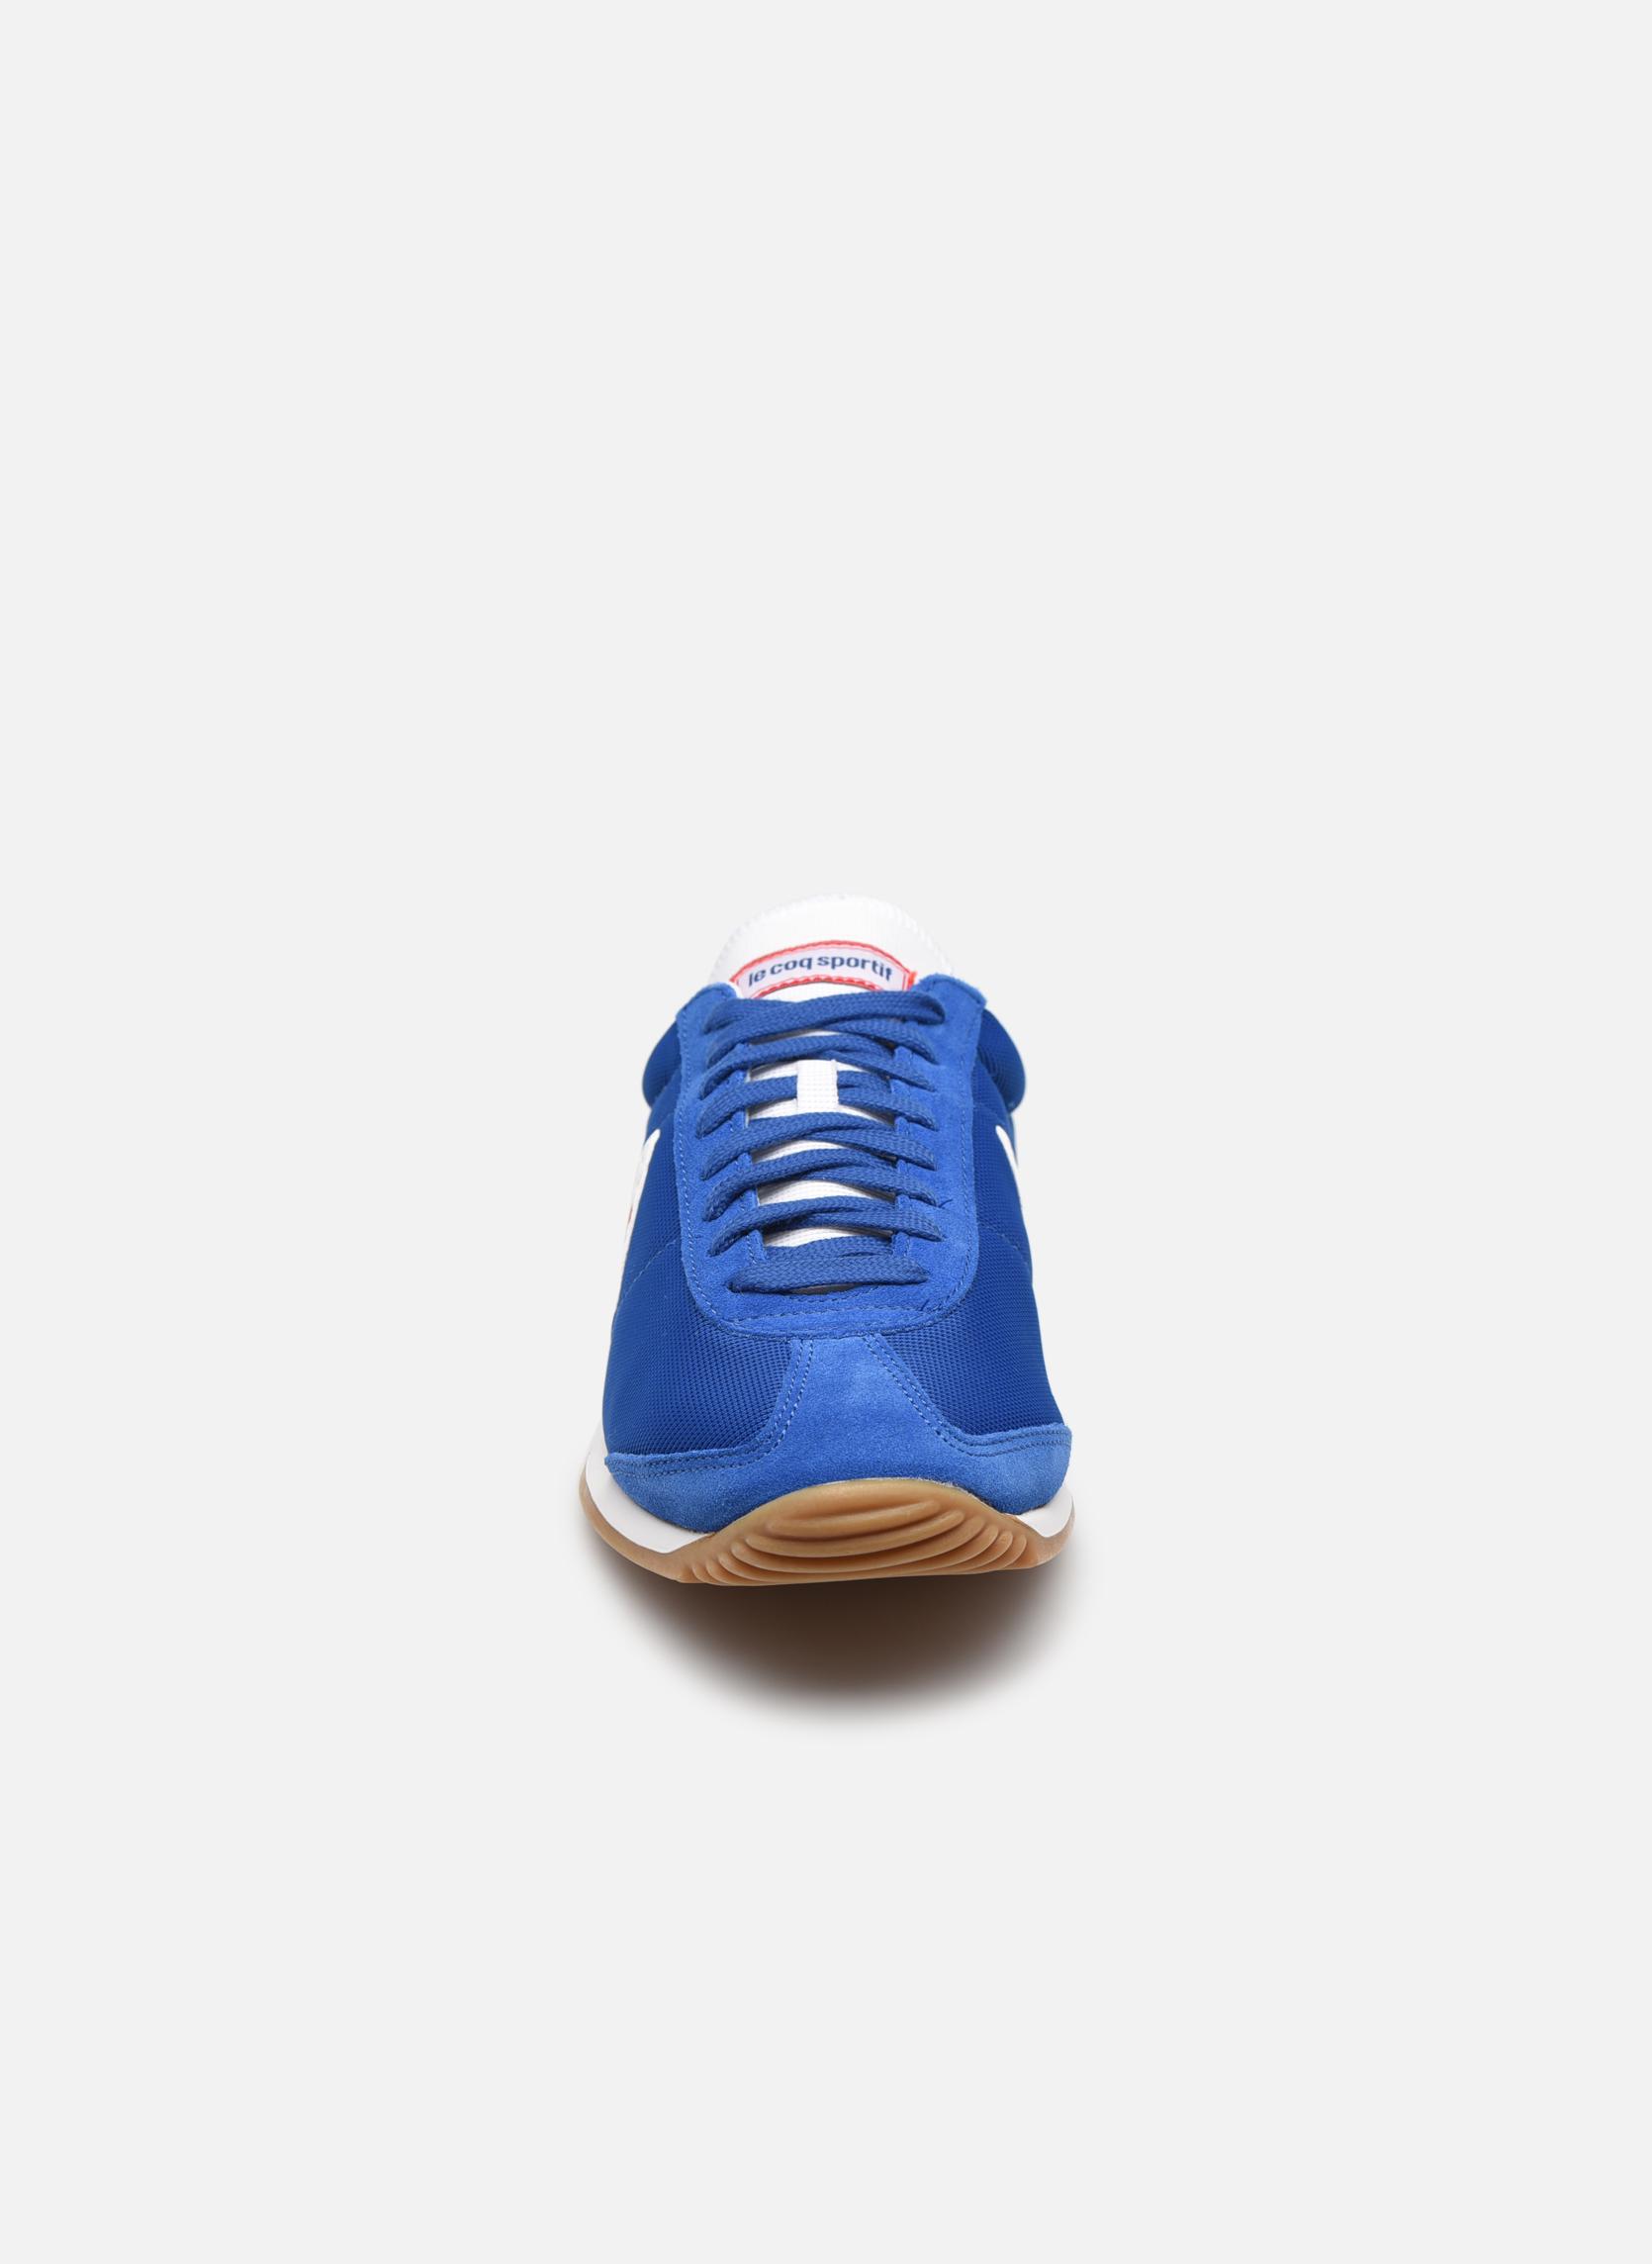 Baskets Le Coq Sportif Quartz Nylon Gum Bleu vue portées chaussures